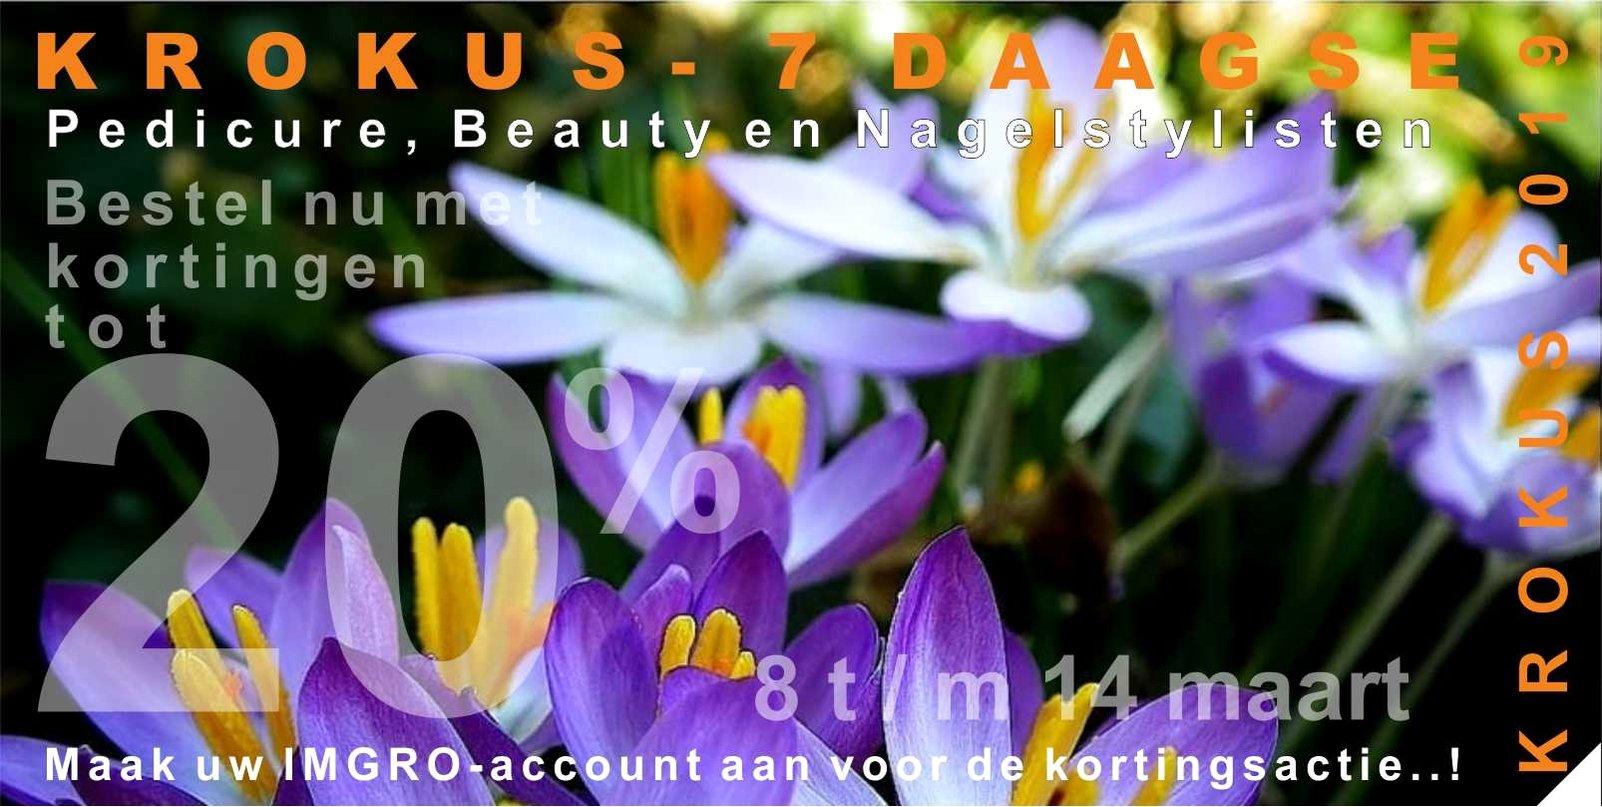 Profiteer van de KROKUS 6 daagse bij IMGRO Beauty